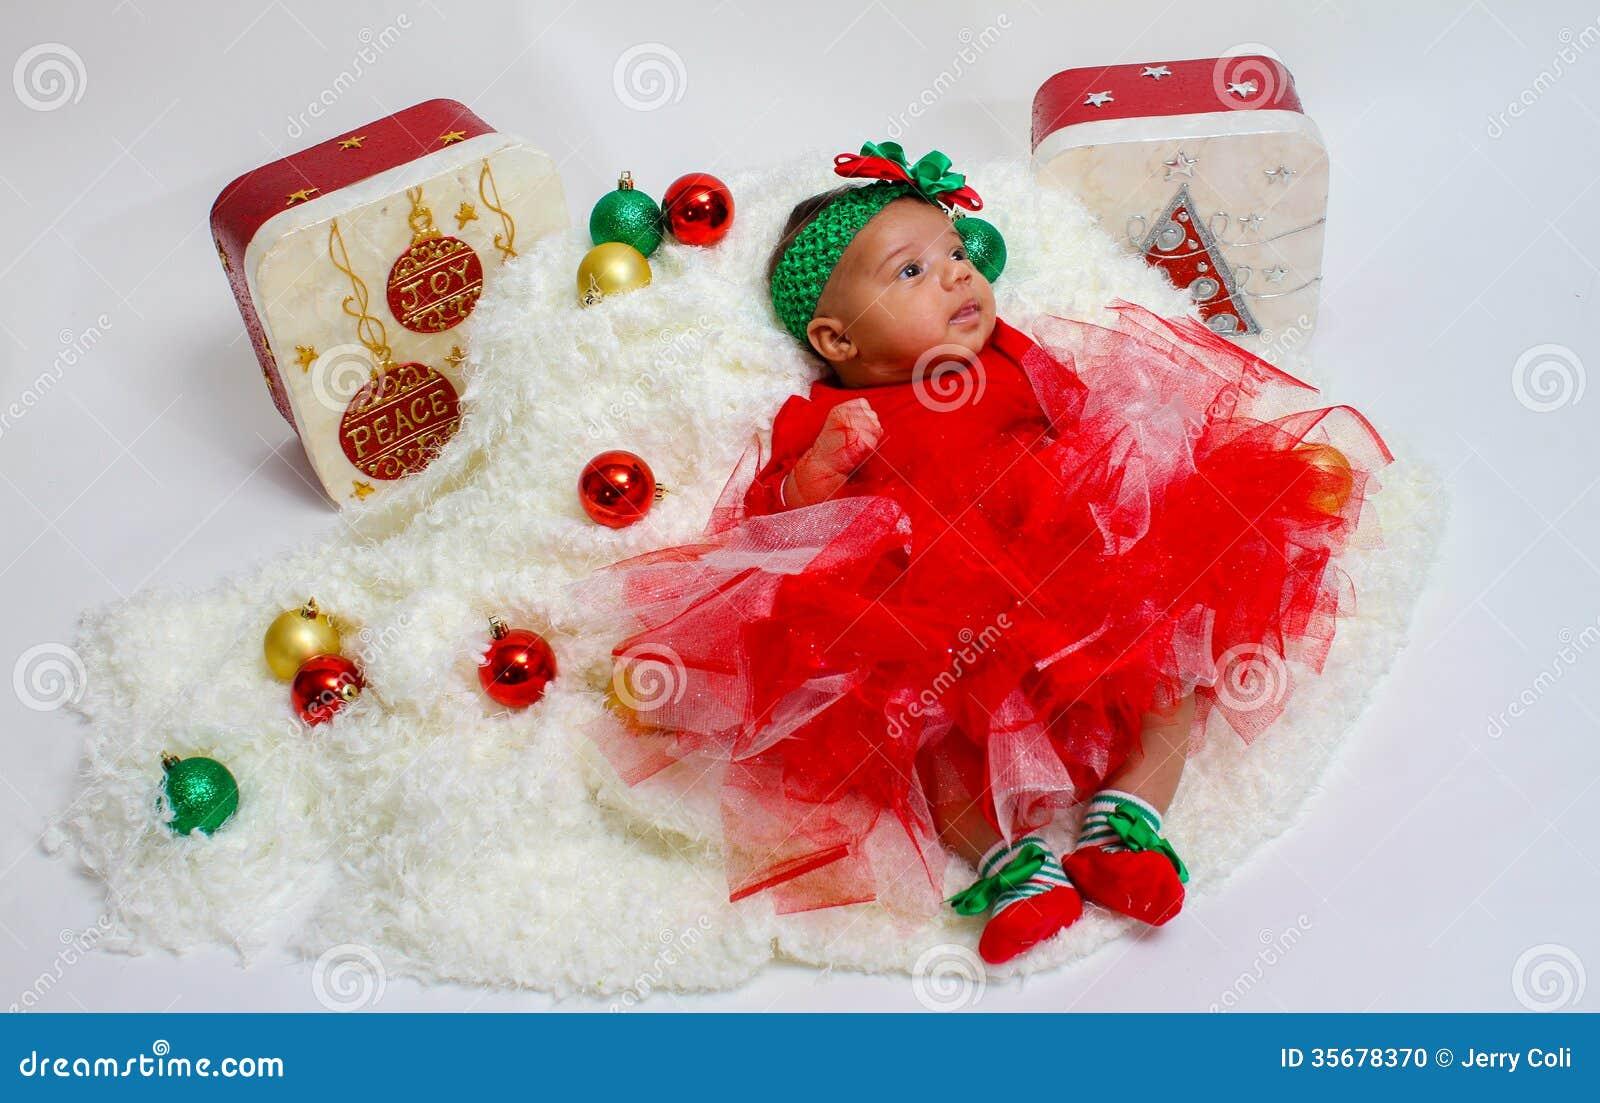 7d8ee4a4f Bebé Hermoso Vestido Para Los Días De Fiesta De La Navidad Foto de ...